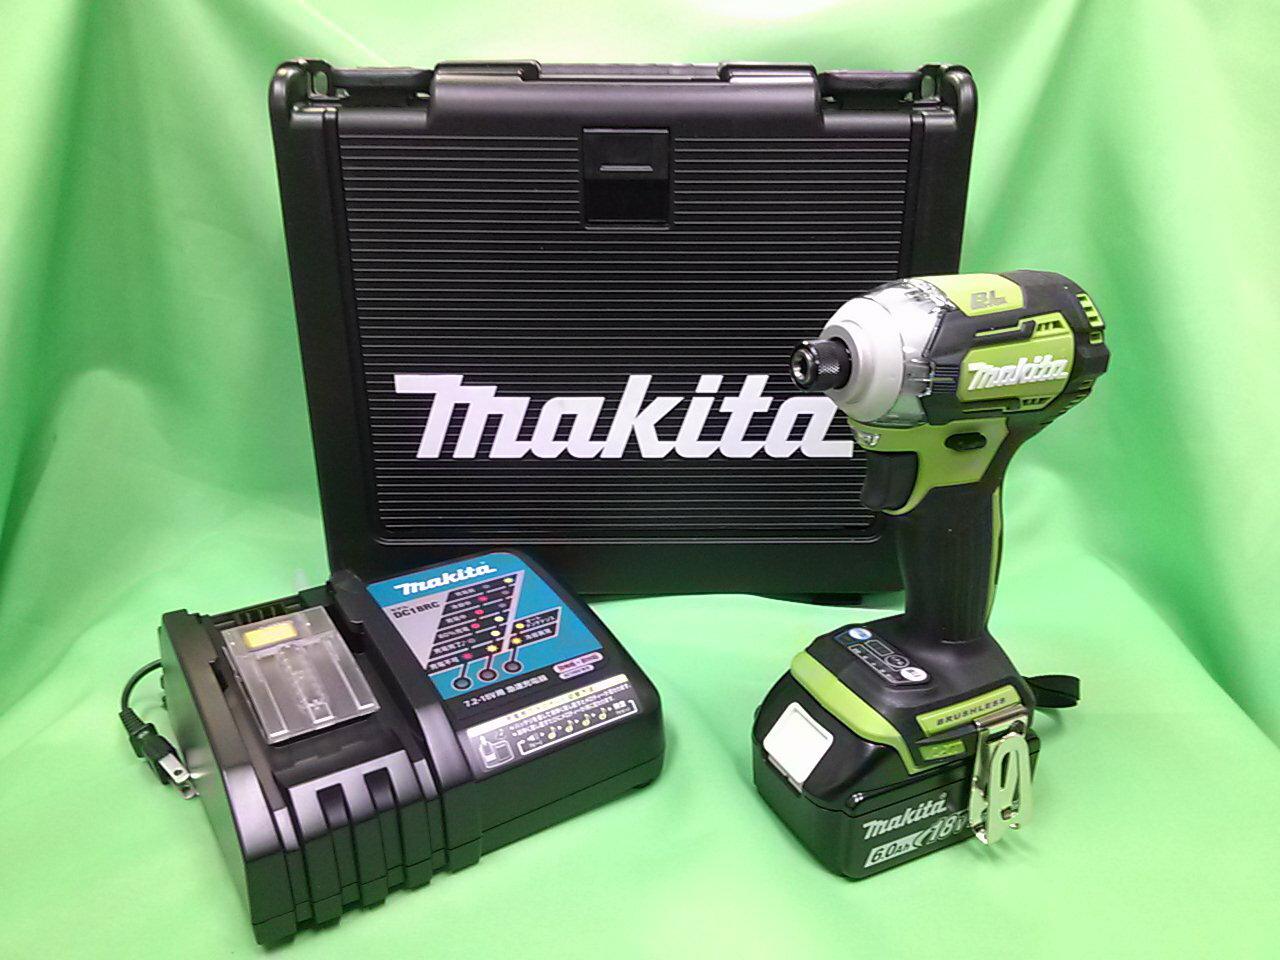 大吉屋オリジナル マキタ18Vインパクトドライバ ライム TD170DRGXL バッテリ(6.0Ah)1個 充電器1個 ケース付き